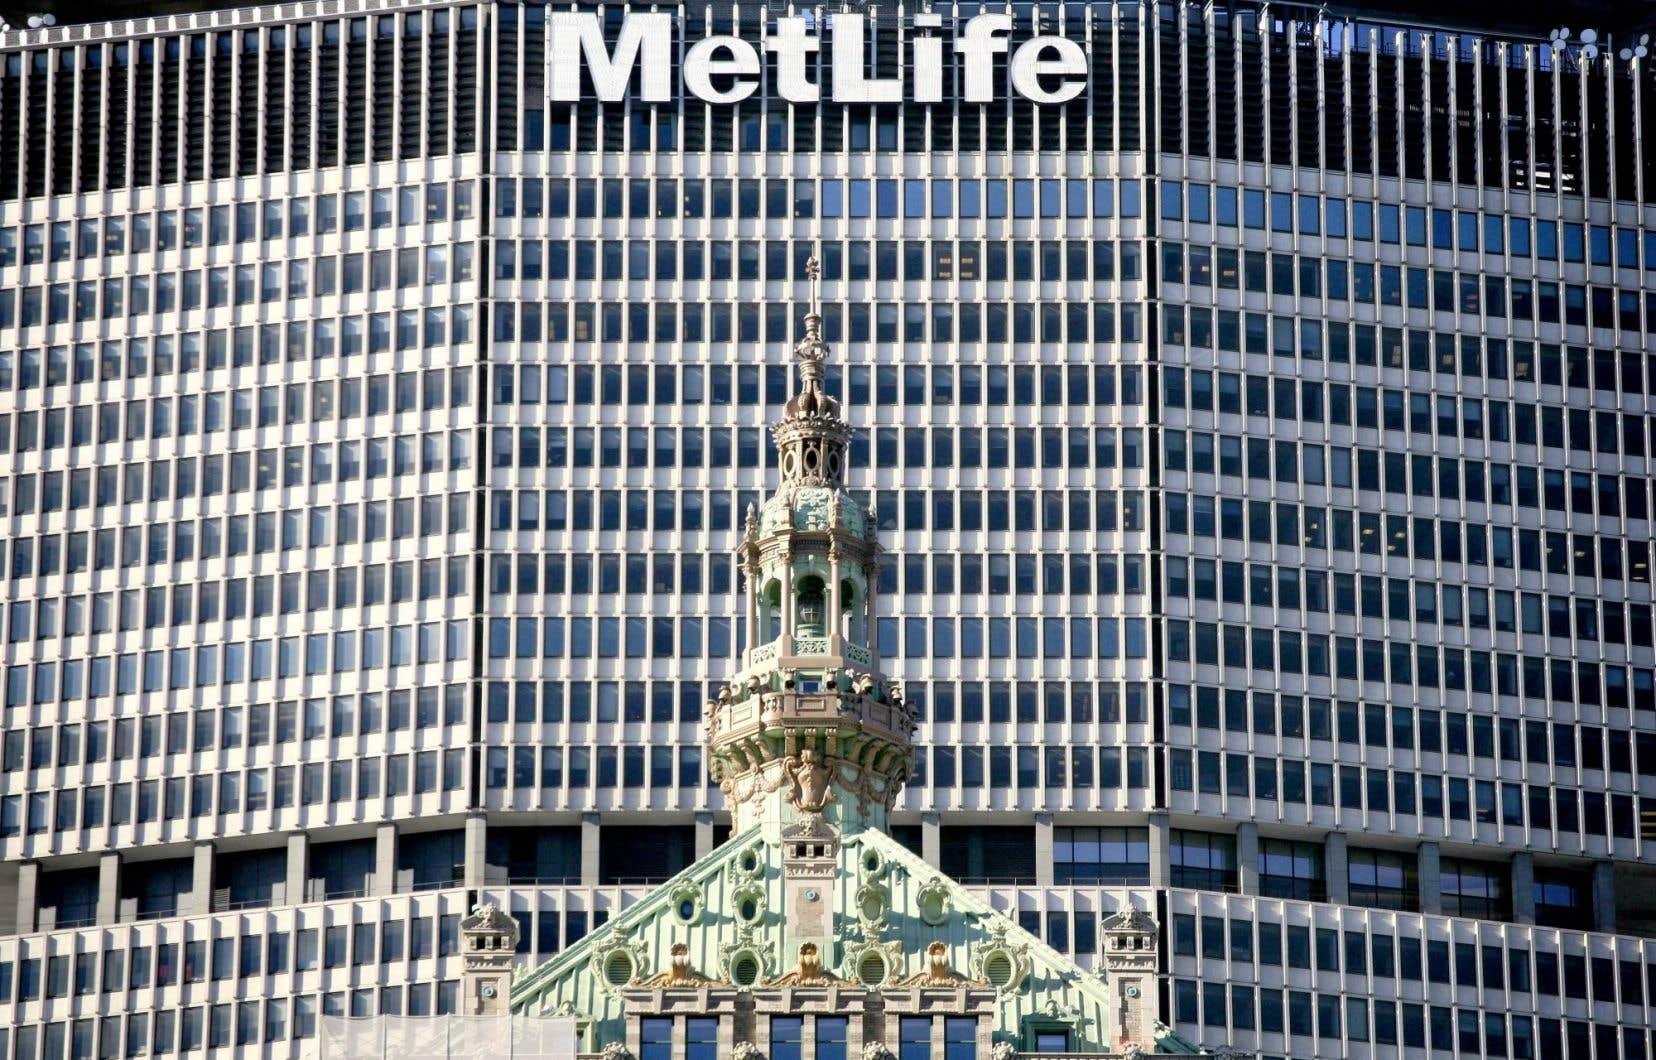 Un juge américain a donné raison à l'assureur MetLife, qui contestait son statut d'institution trop importante pour faire faillite.